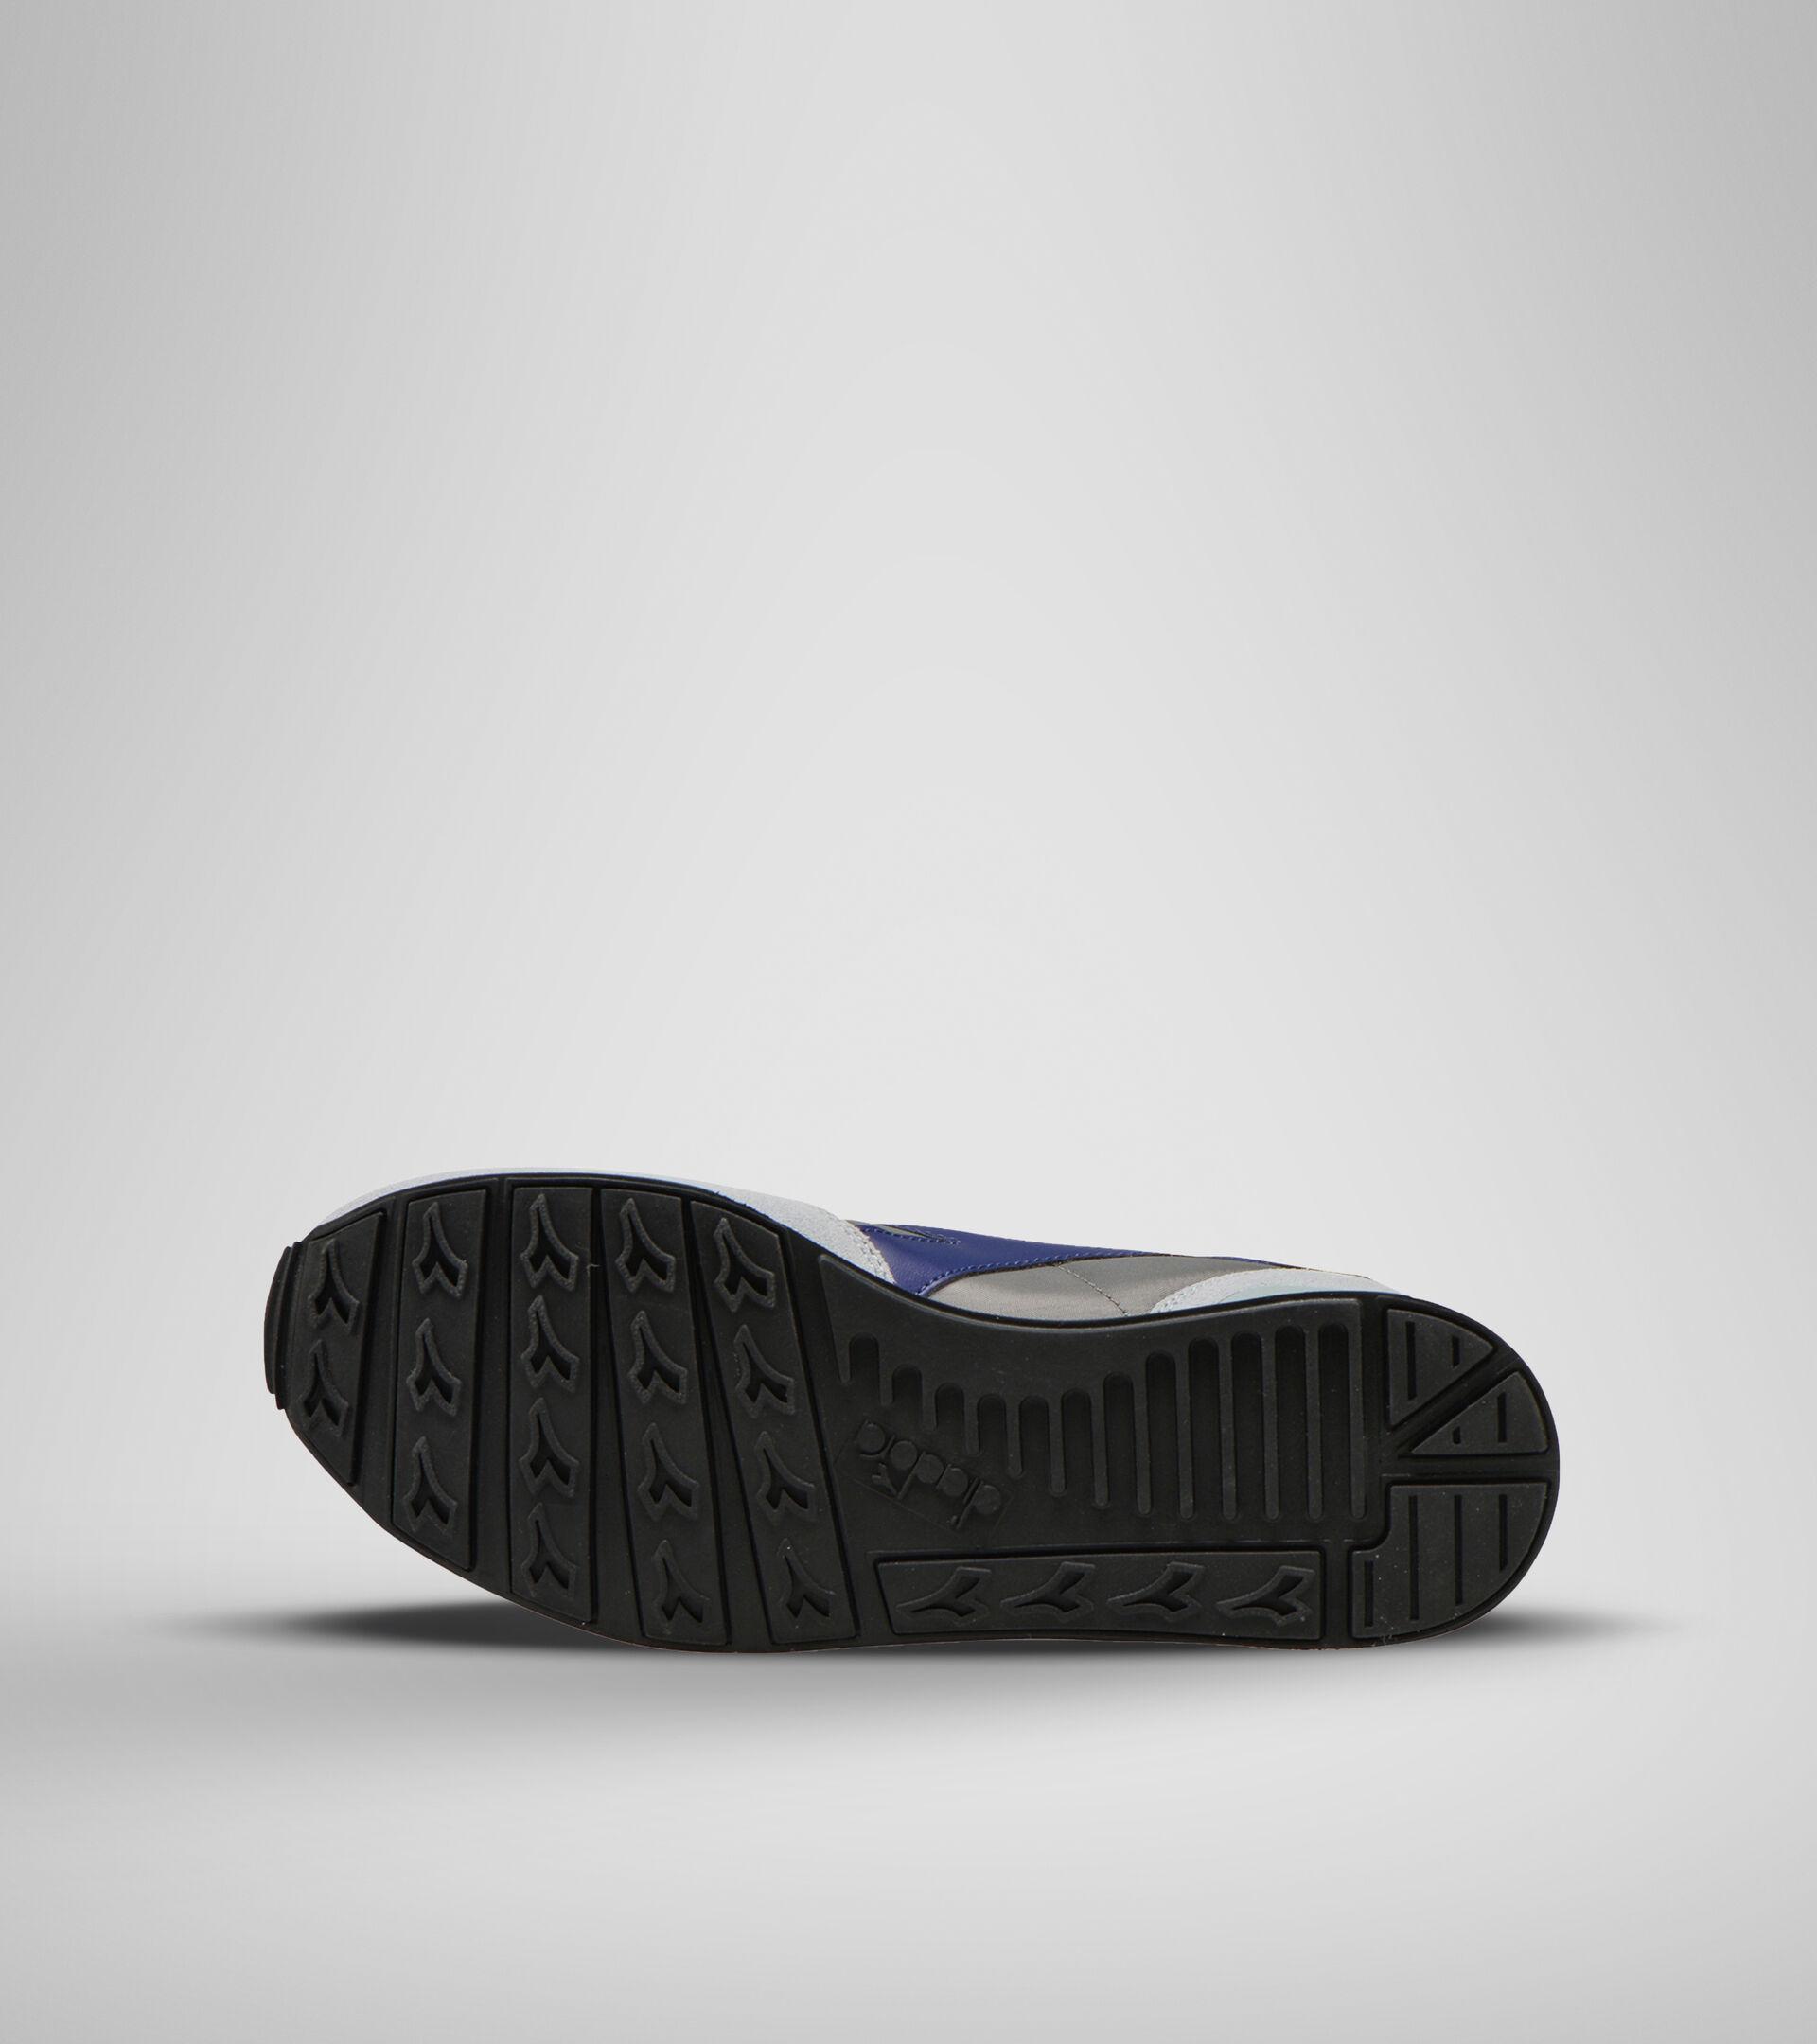 Zapatilla deportiva - Unisex CAMARO EDIFICIOS ALTOS/GRIS CARBON/CI - Diadora